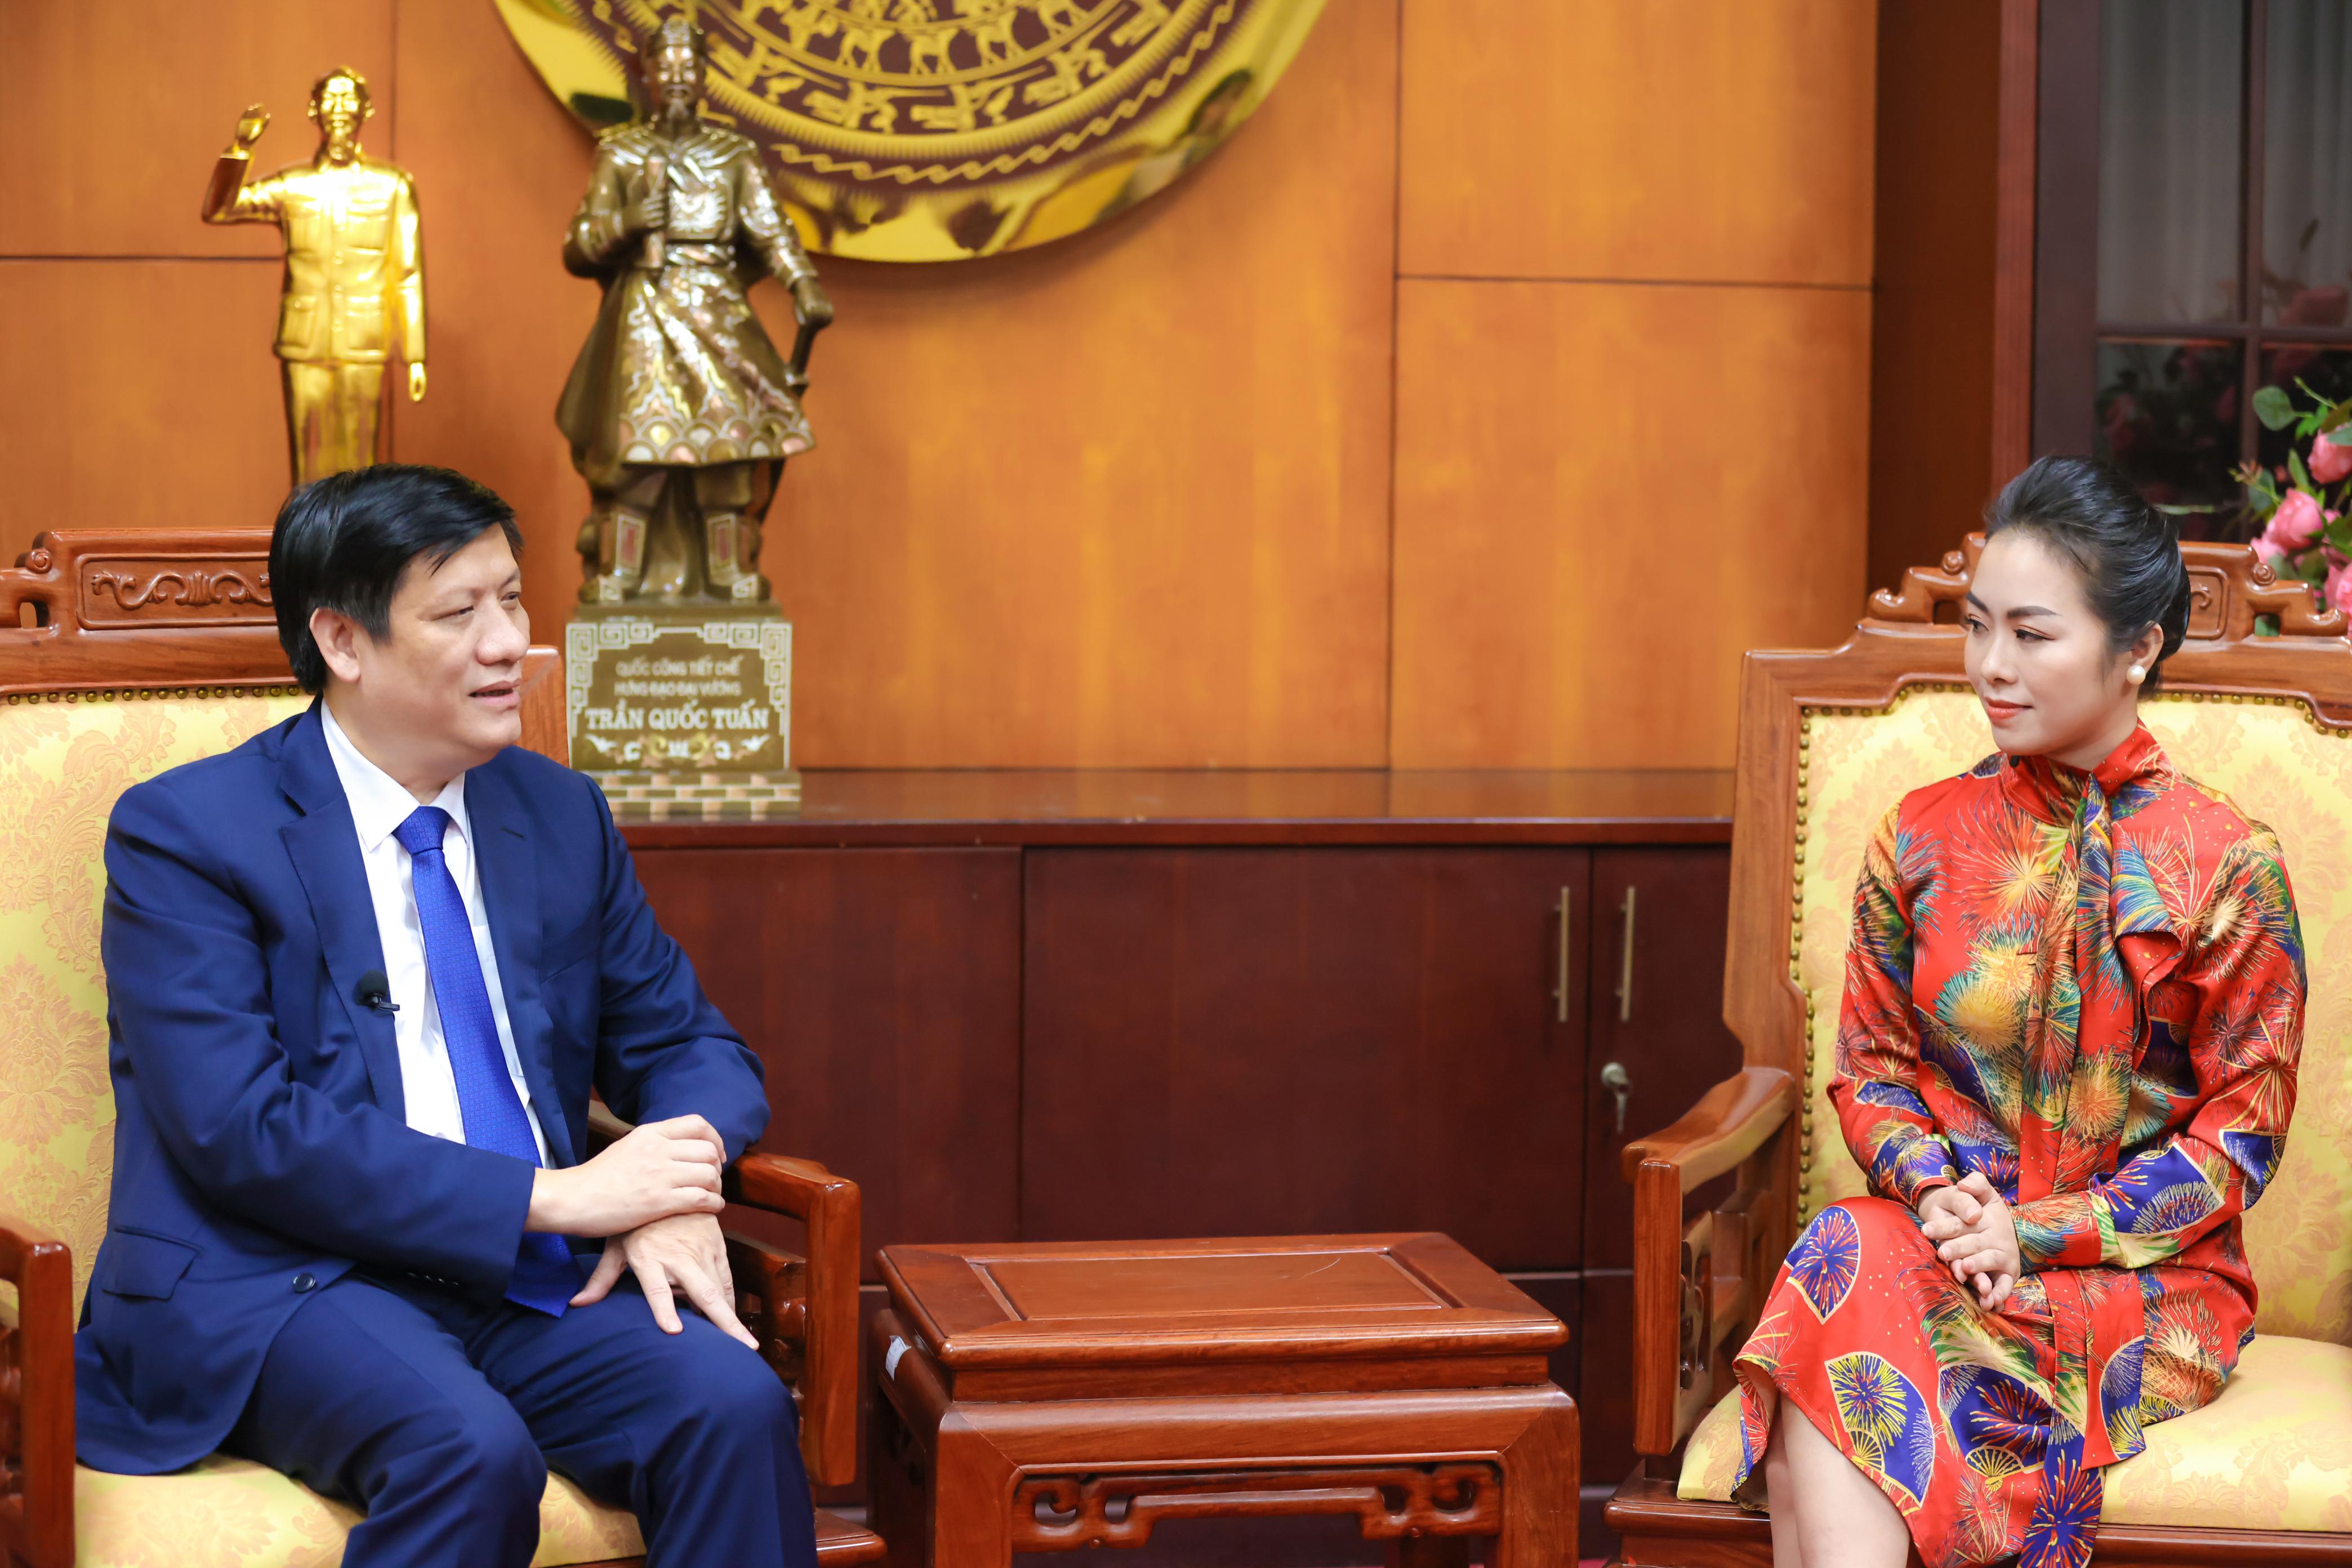 Bộ trưởng Bộ Y tế Nguyễn Thanh Long trong cuộc trao đổi cùng chuyên gia Nguyễn Thy Nga